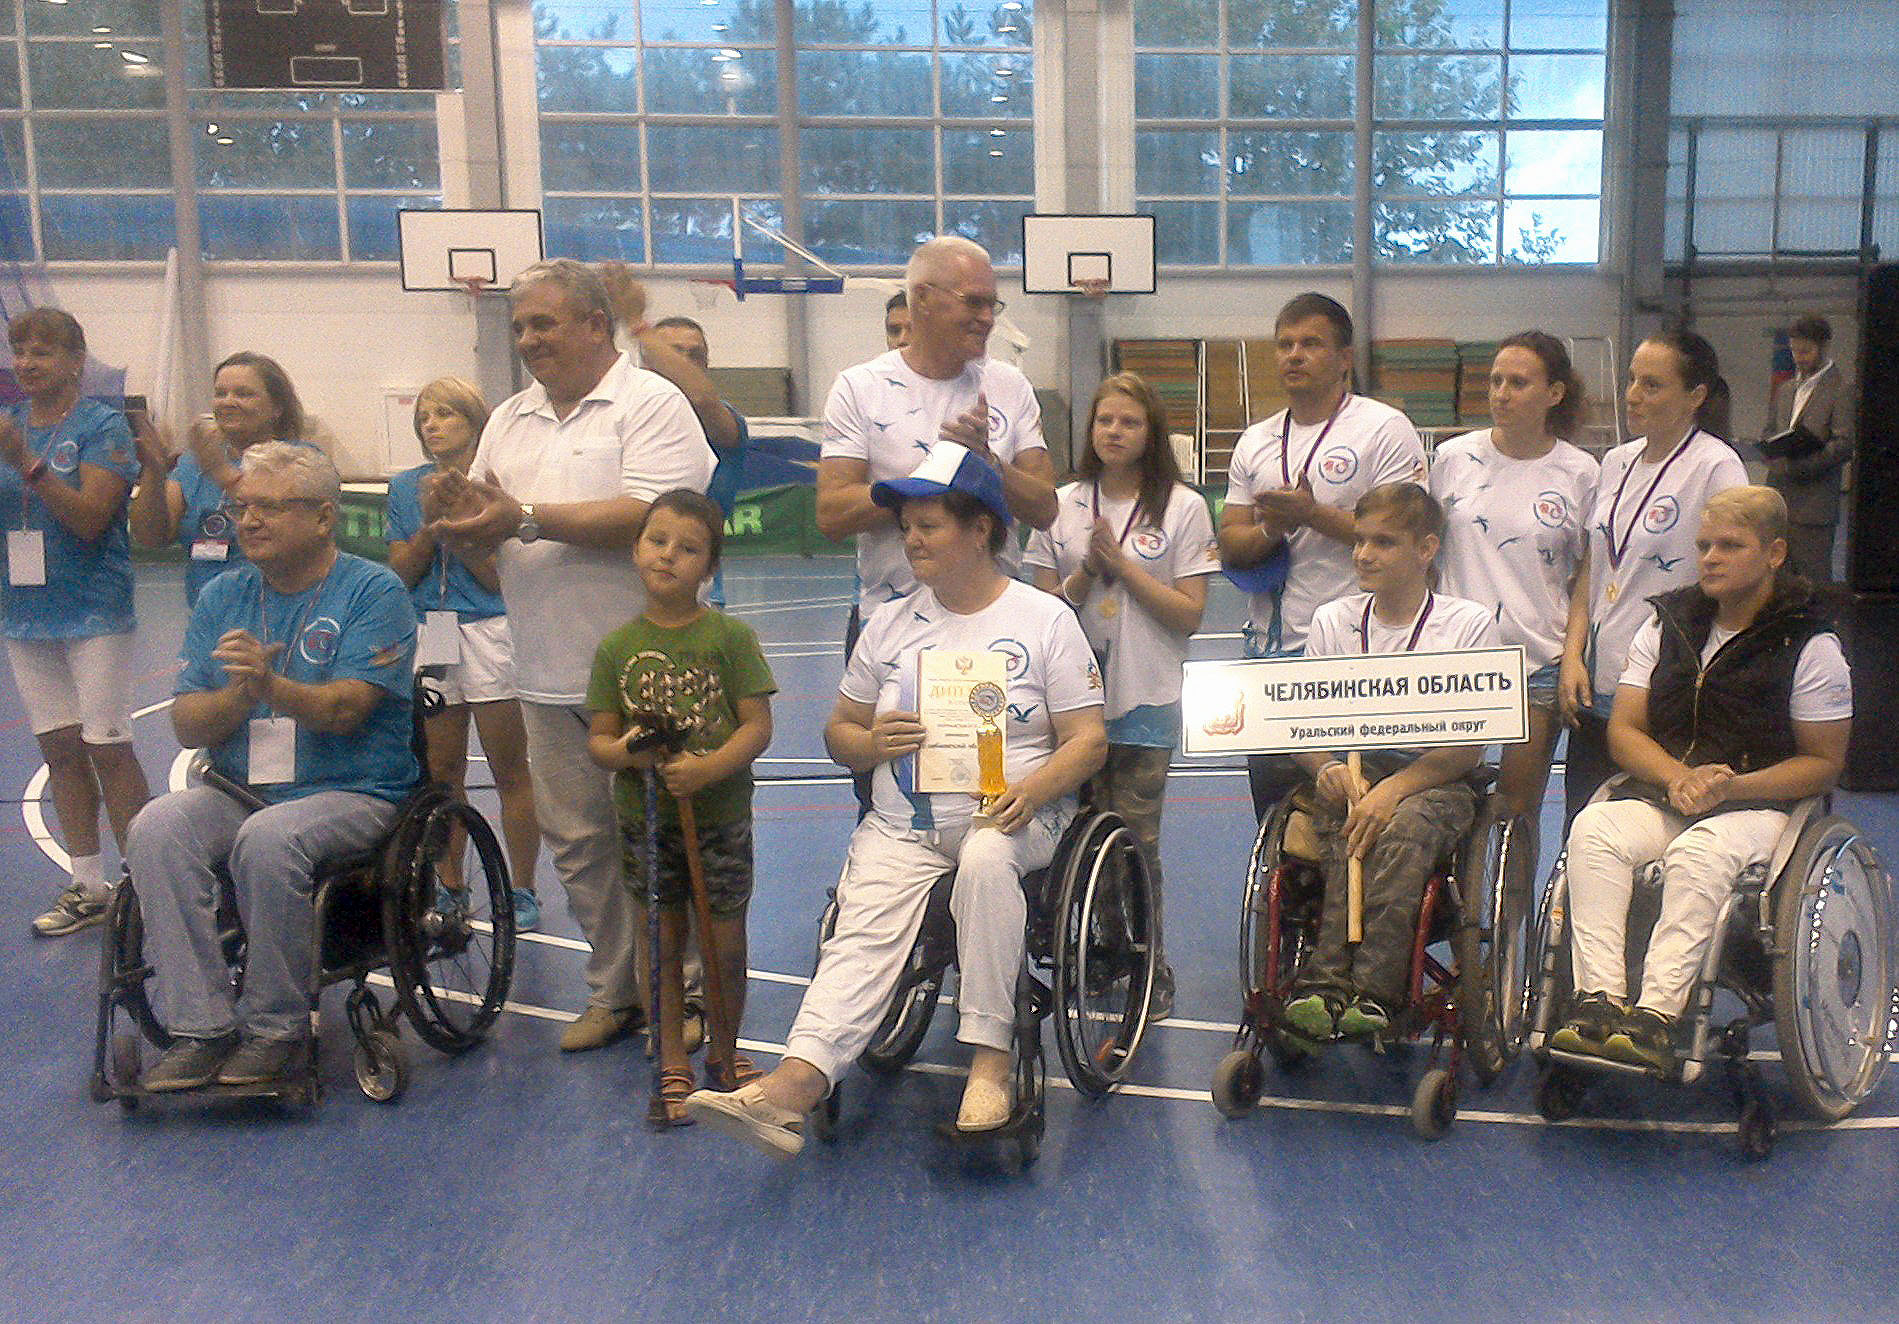 Челябинские инвалиды завоевали «серебро» на физкультурно-спортивном фестивале «Пара-Крым-2018».